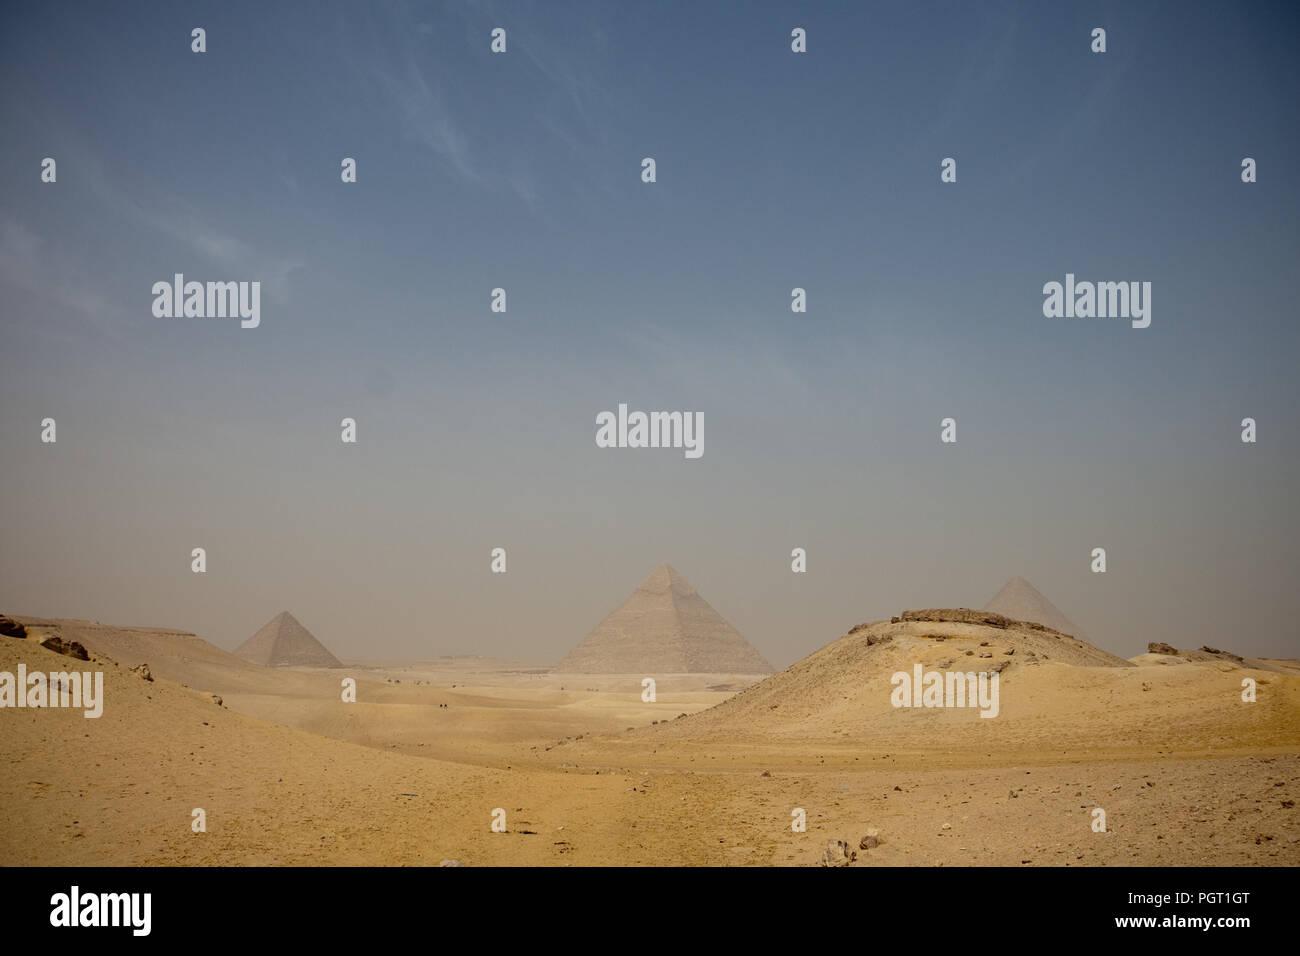 Pirámides nebuloso desde una posición lejana, Cairo, Egipto Imagen De Stock